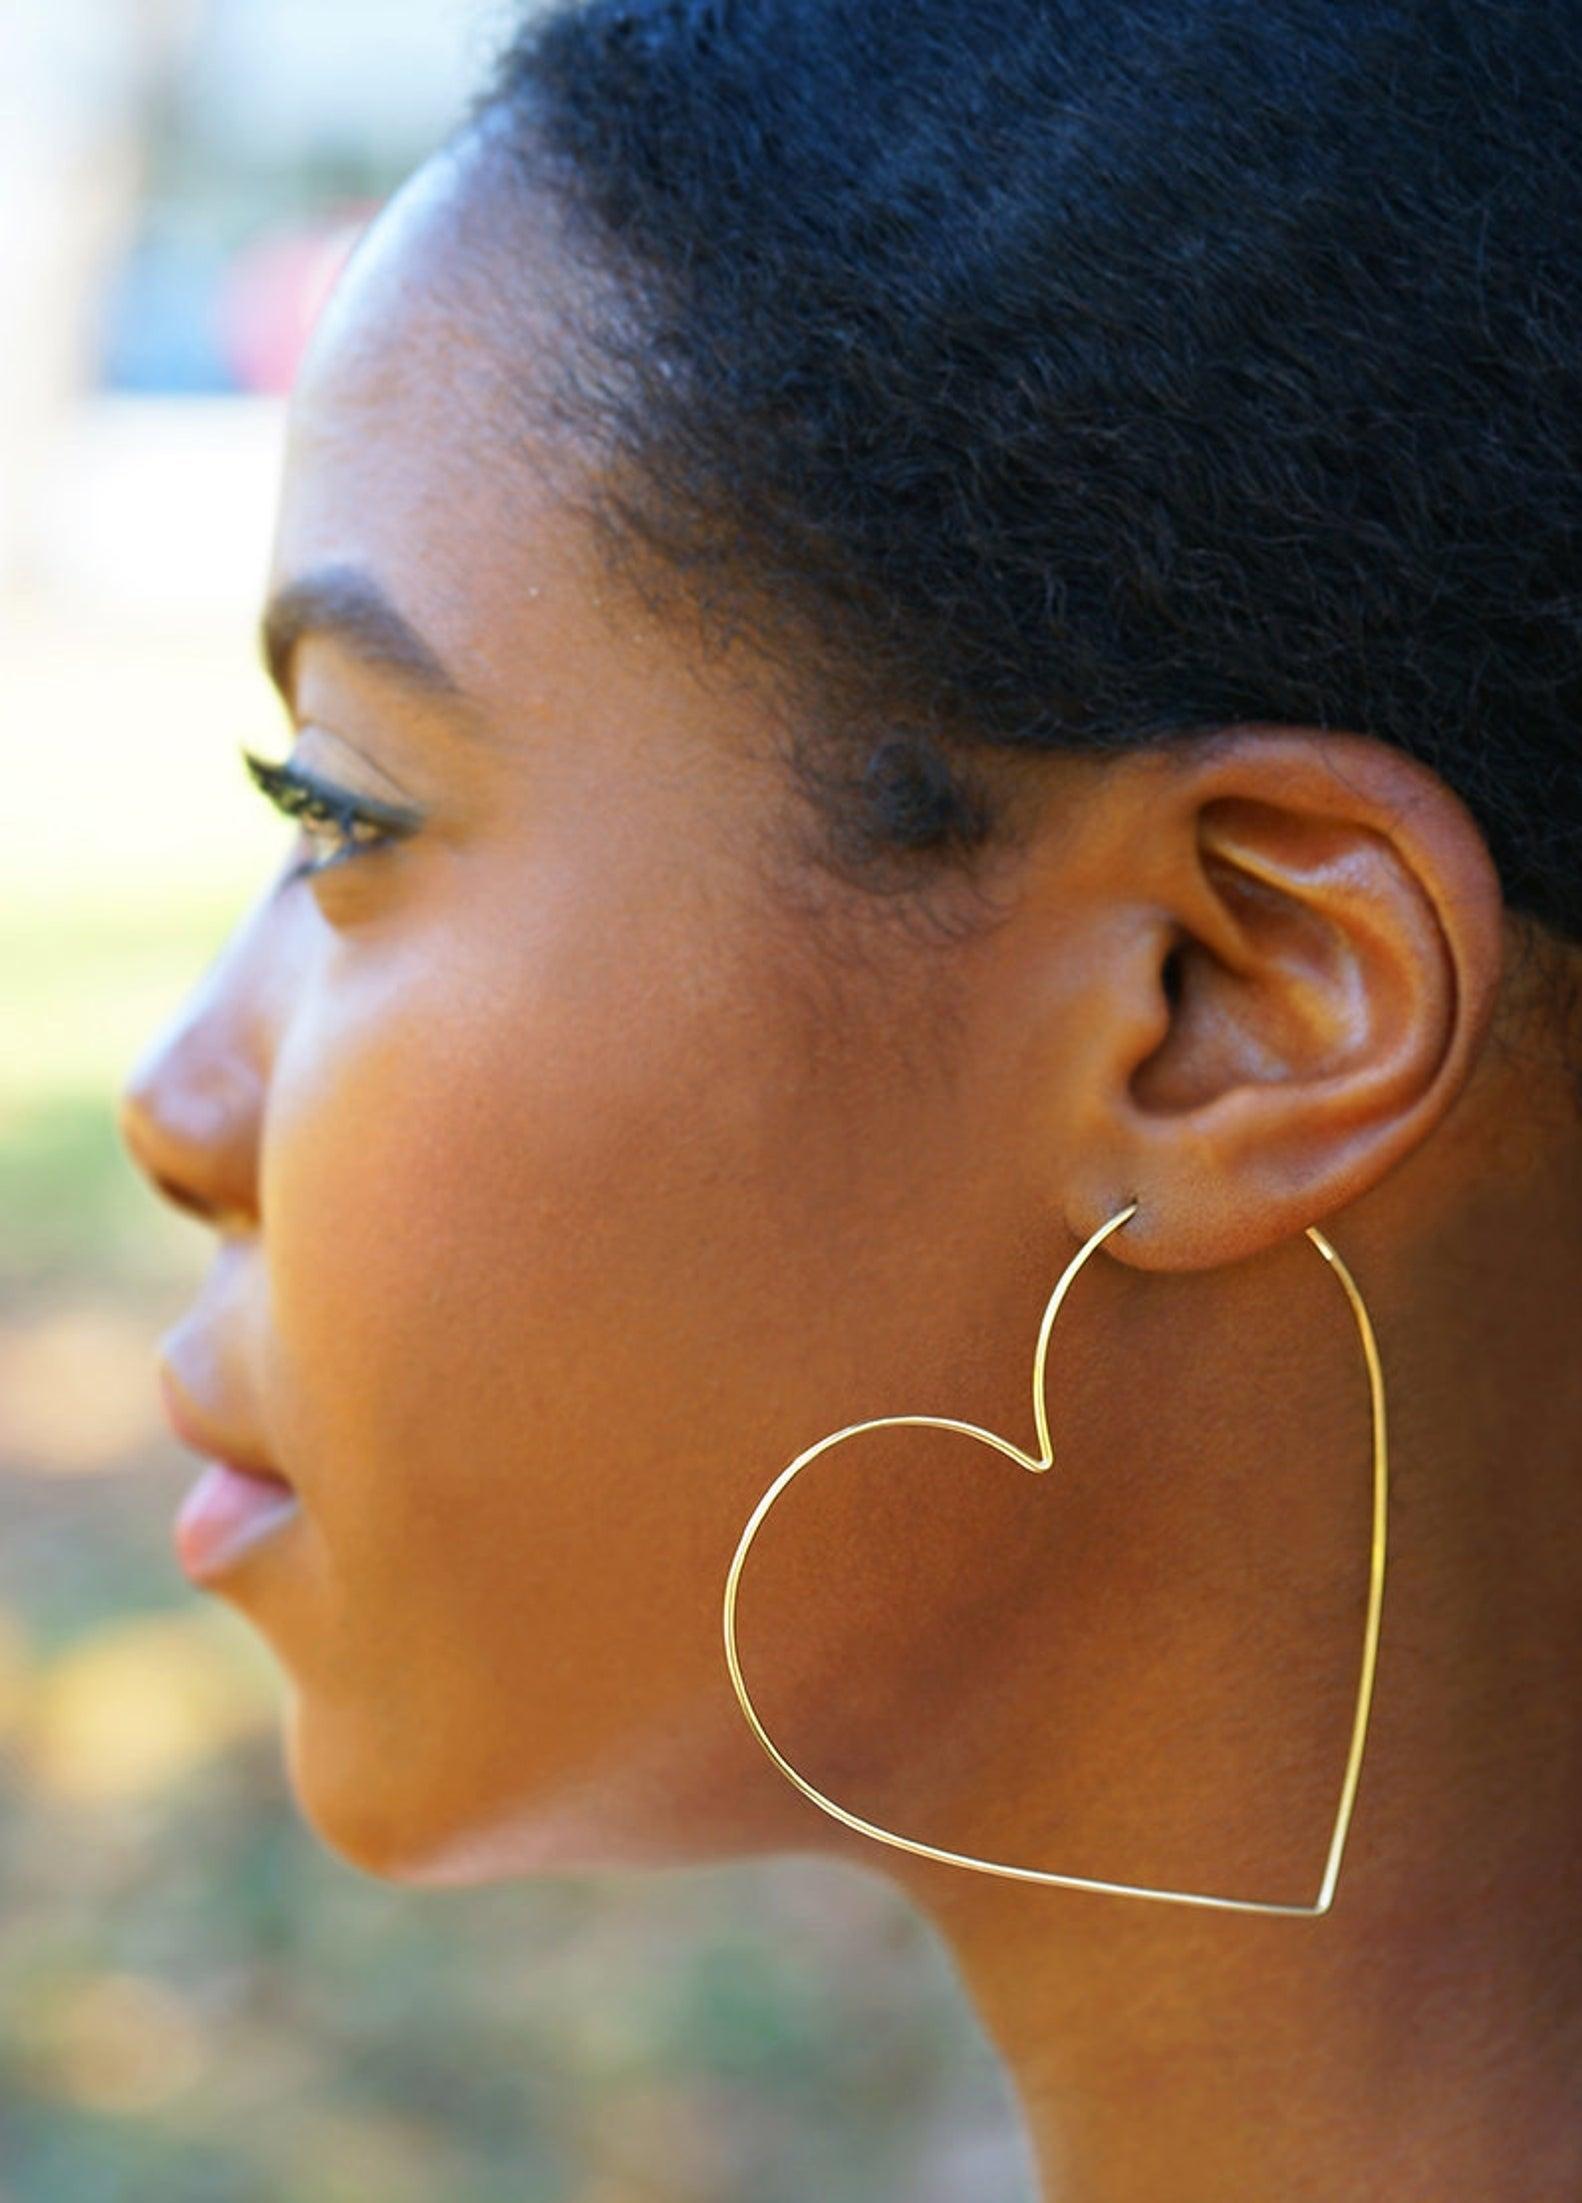 model wearing heart-shaped hoop earrings